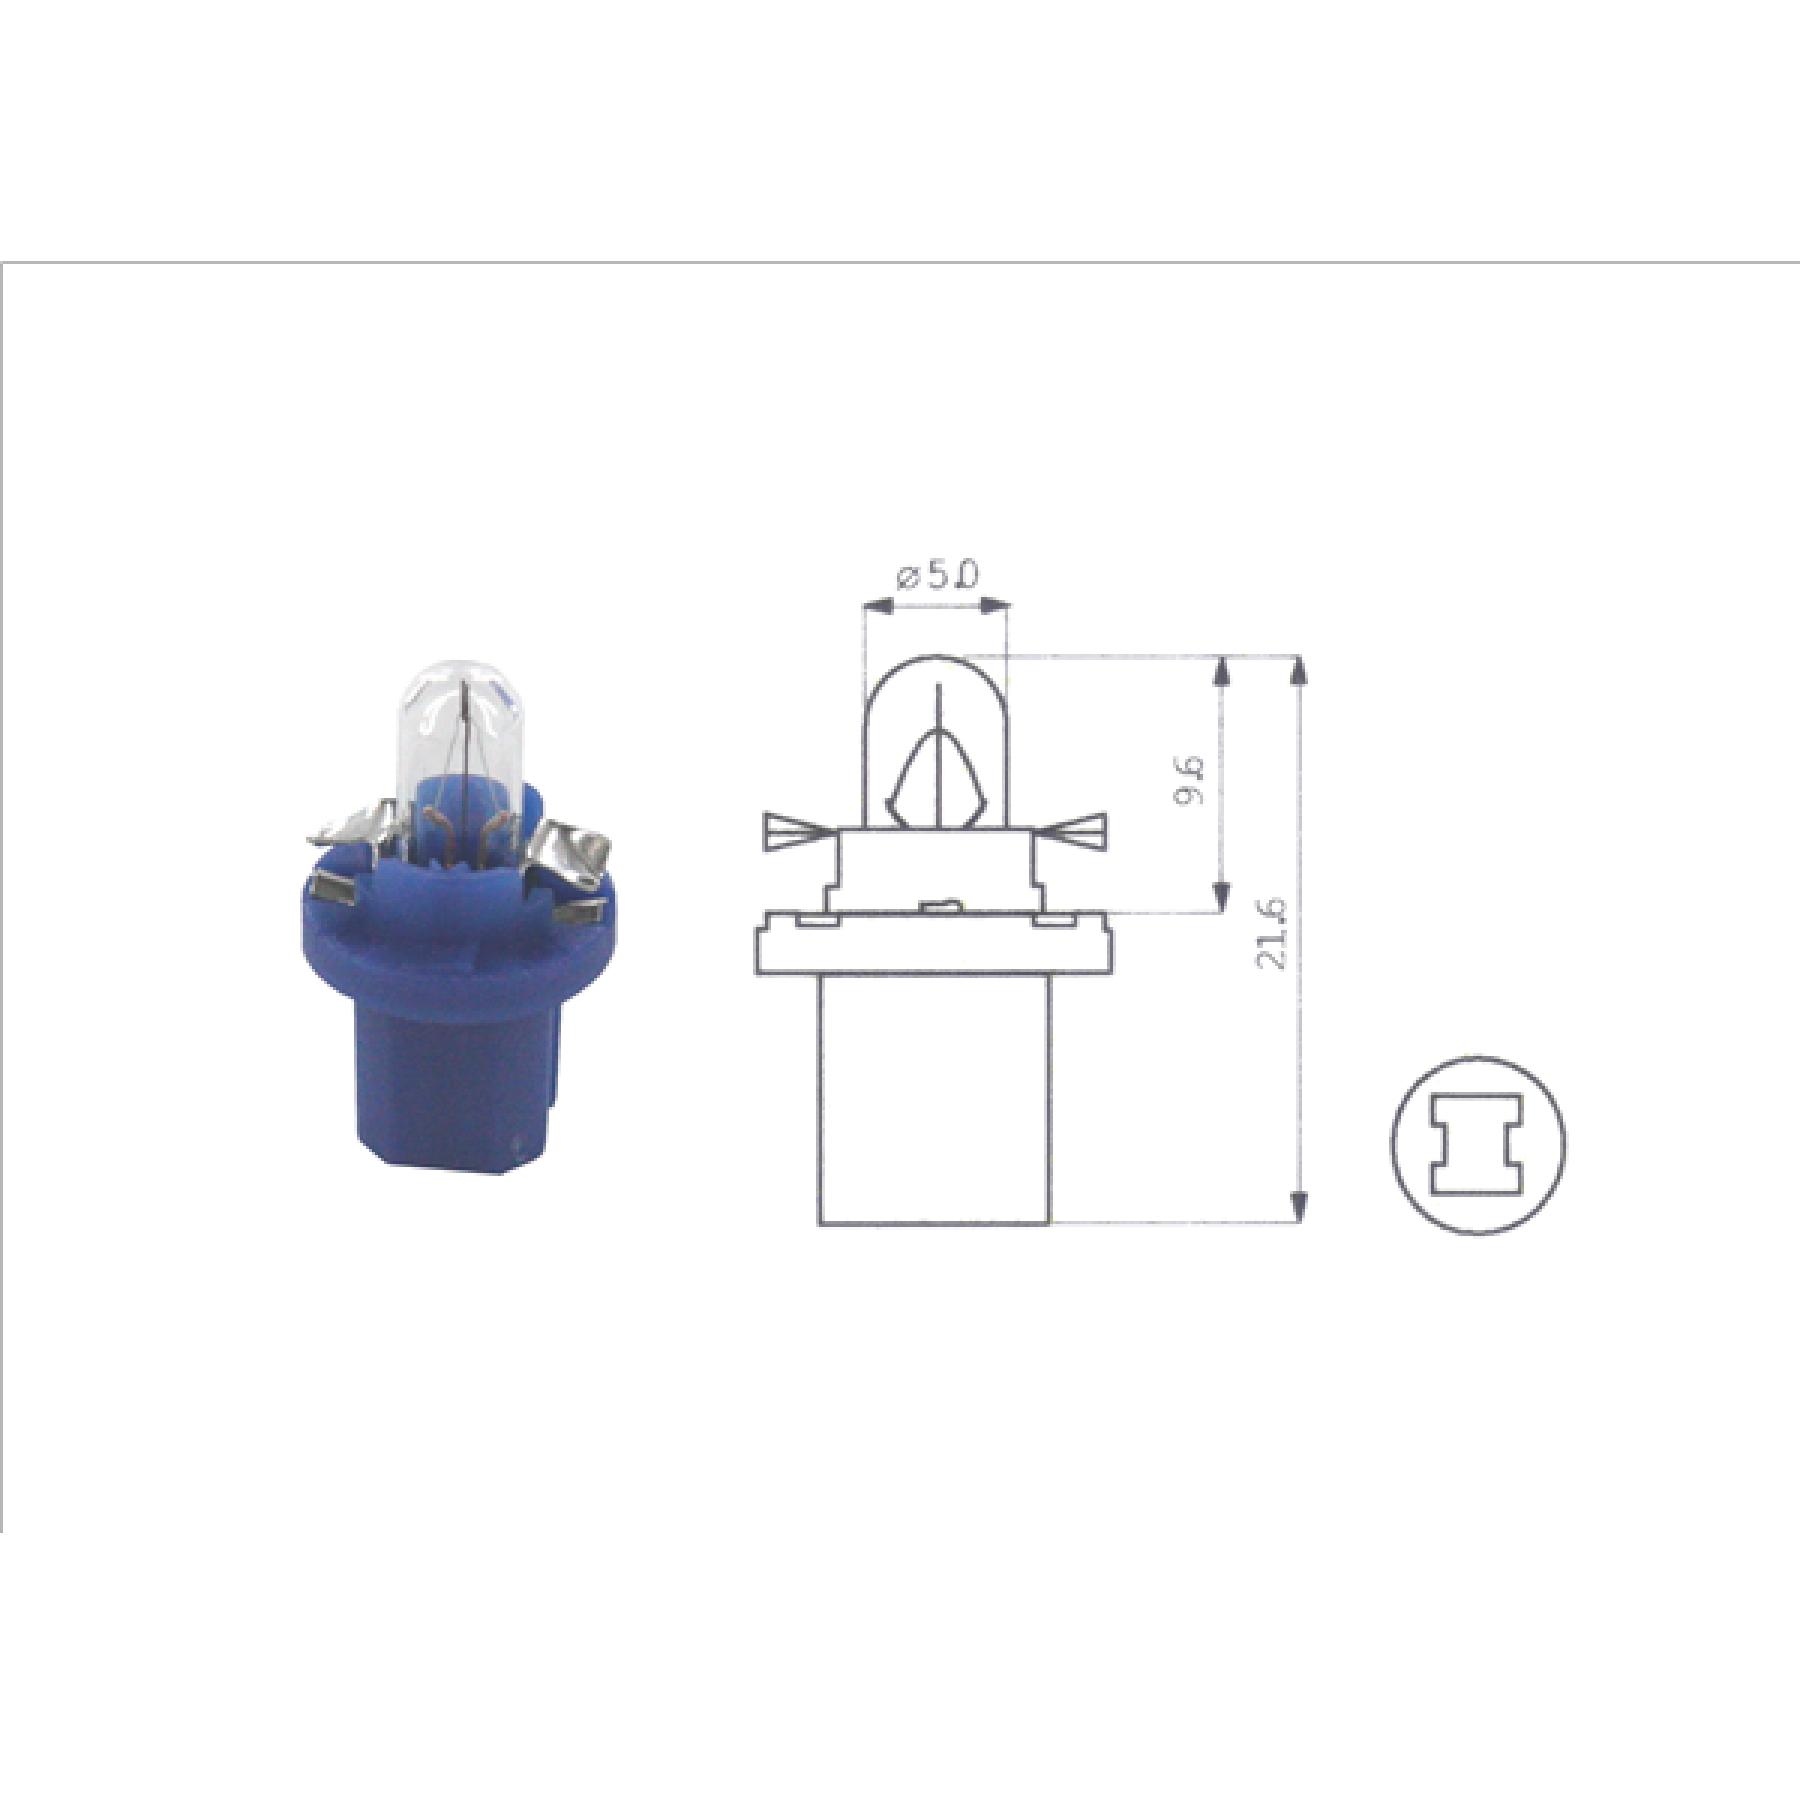 Lamp 12V 1.2W Blauw BX8.5D kunststof fitting